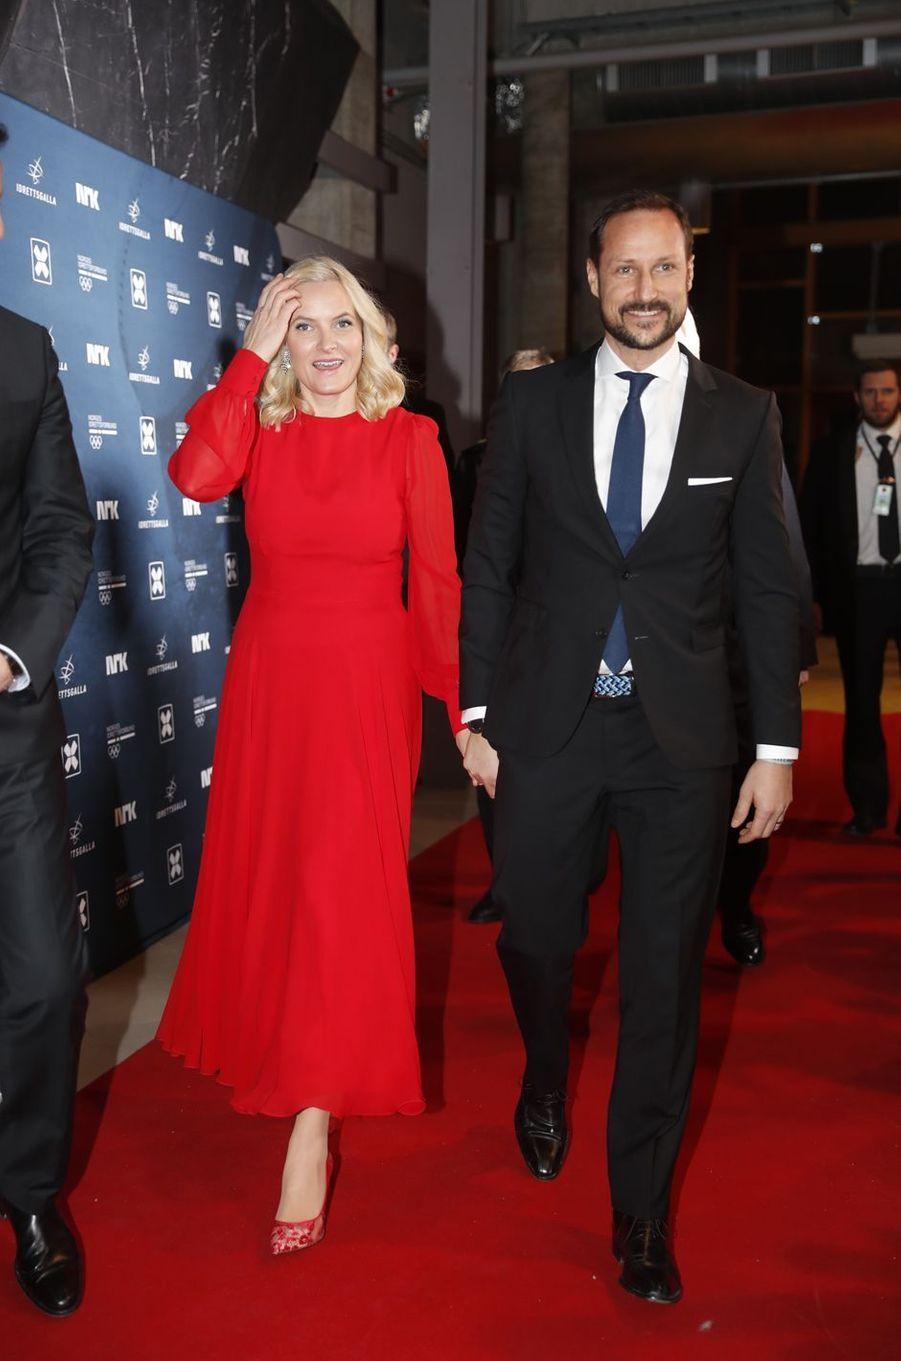 La princesse Mette-Marit et le prince Haakon de Norvège au Gala des sports à Hamar, le 6 janvier 2018